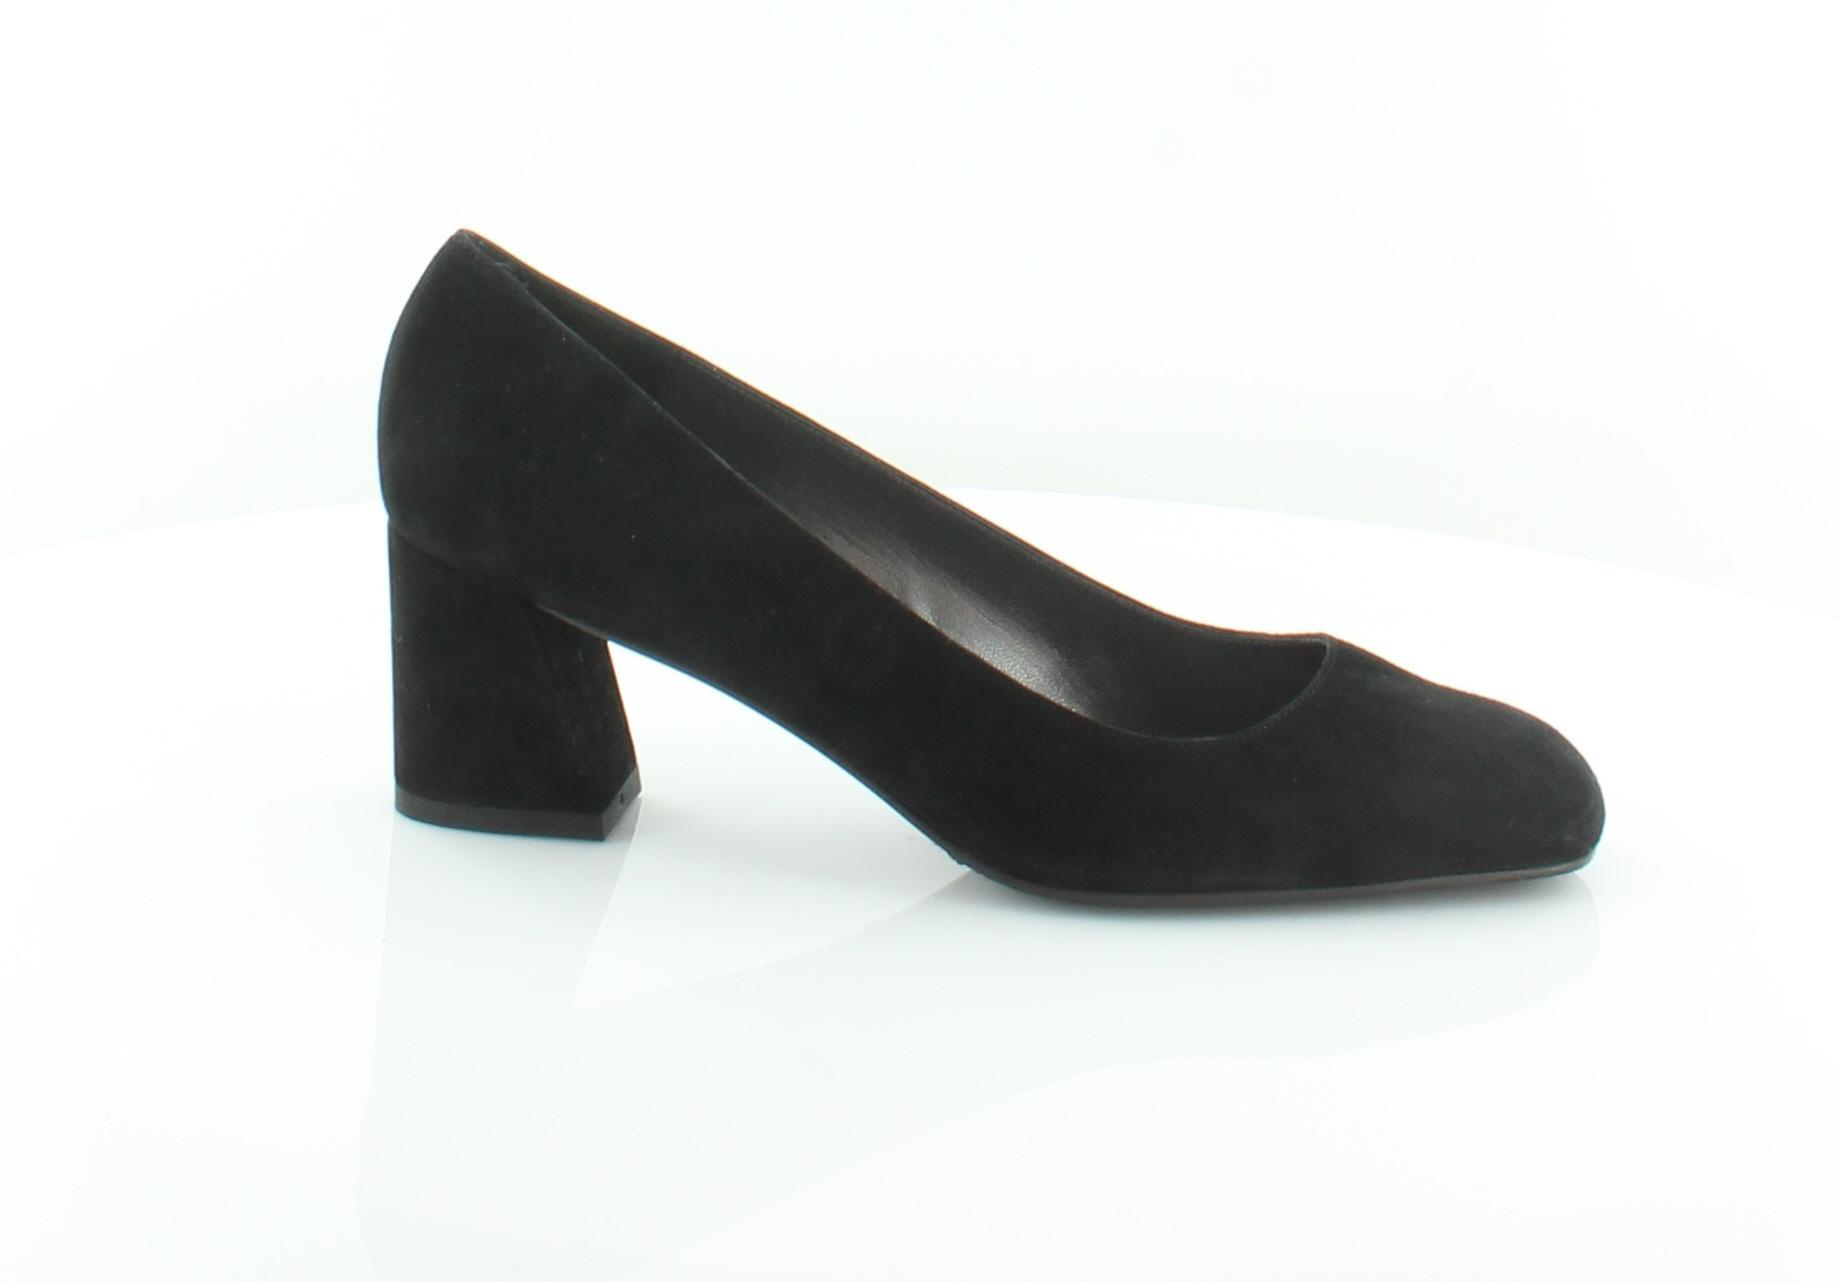 comprare sconti Stuart Stuart Stuart Weitzman Marymid nero donna scarpe Dimensione 8.5 M Heels MSRP  375  benvenuto per ordinare